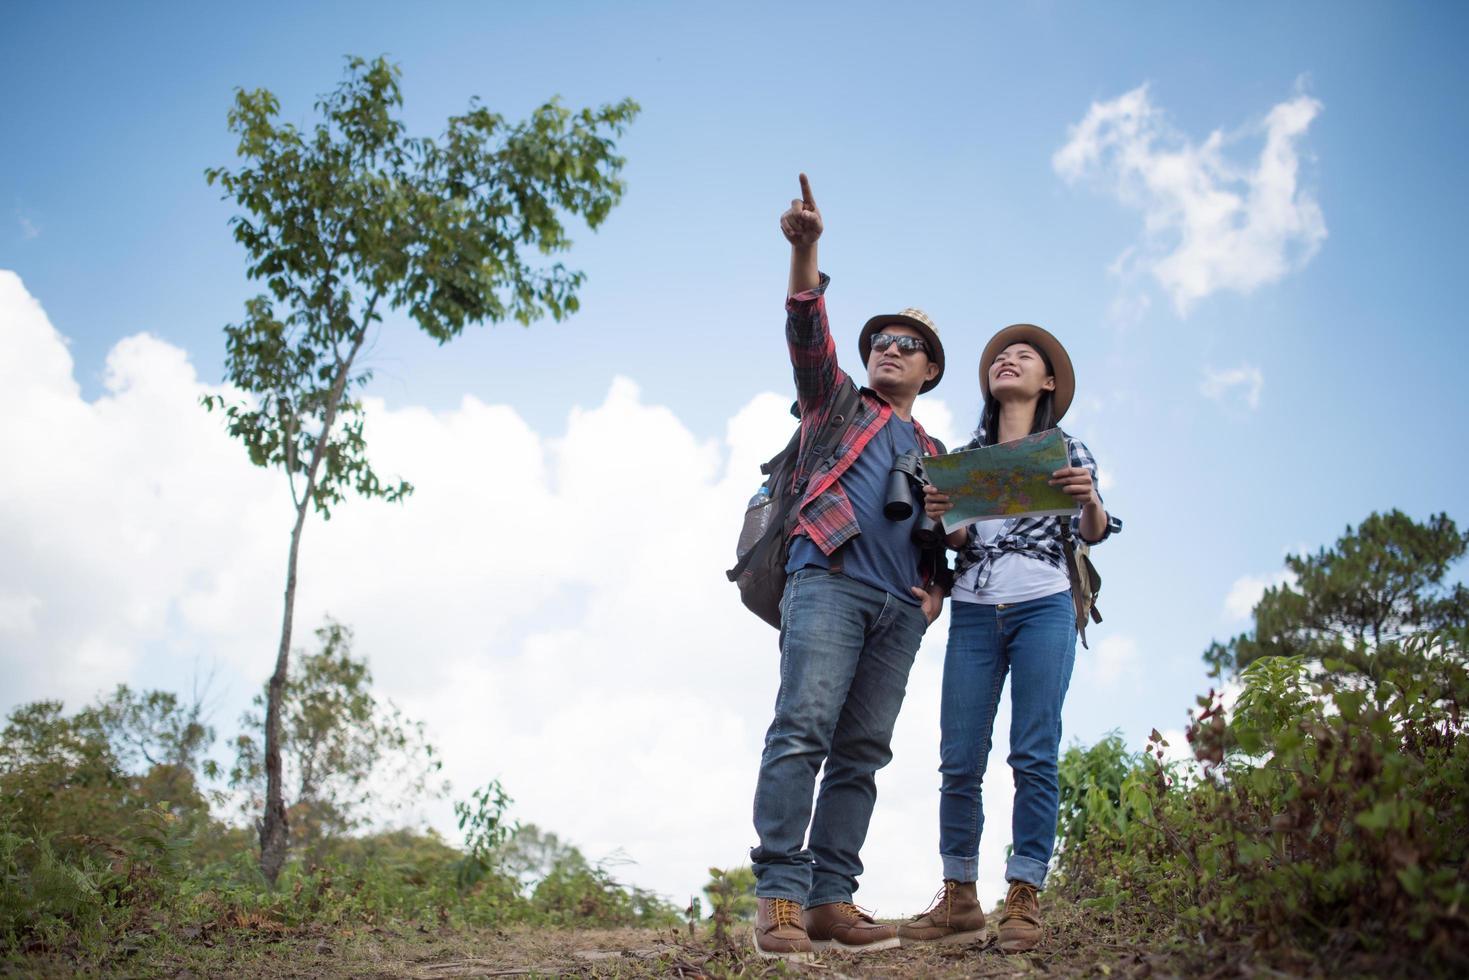 due giovani viaggiatori con zaini nella giungla verde foto